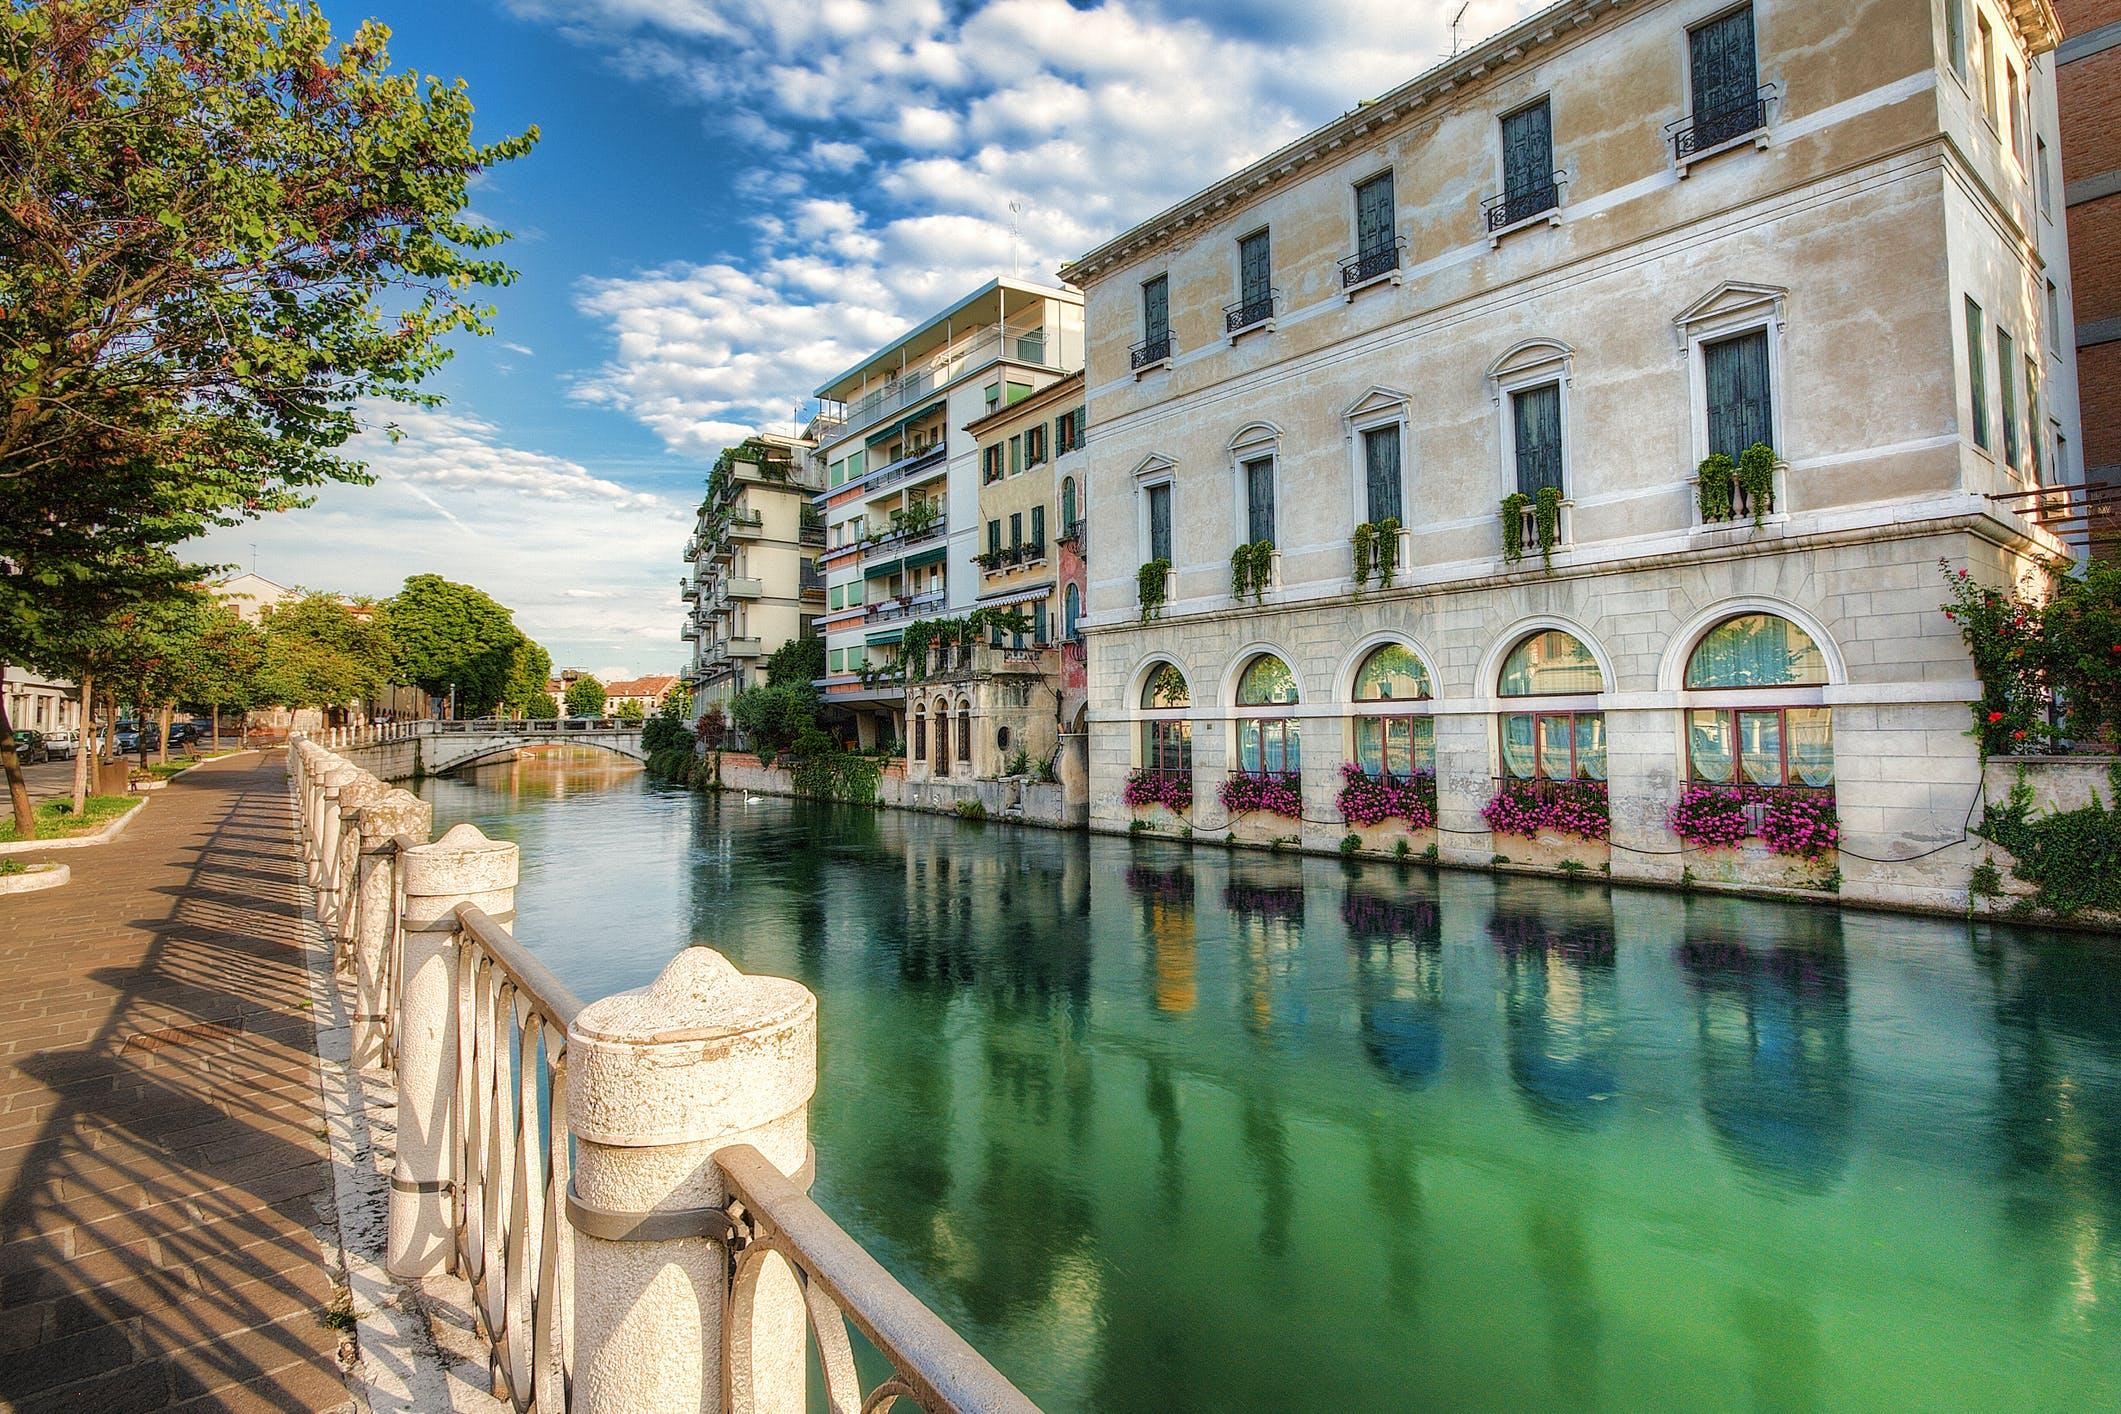 Breng een bezoekje aan de stad Treviso op zo'n 40 km afstand